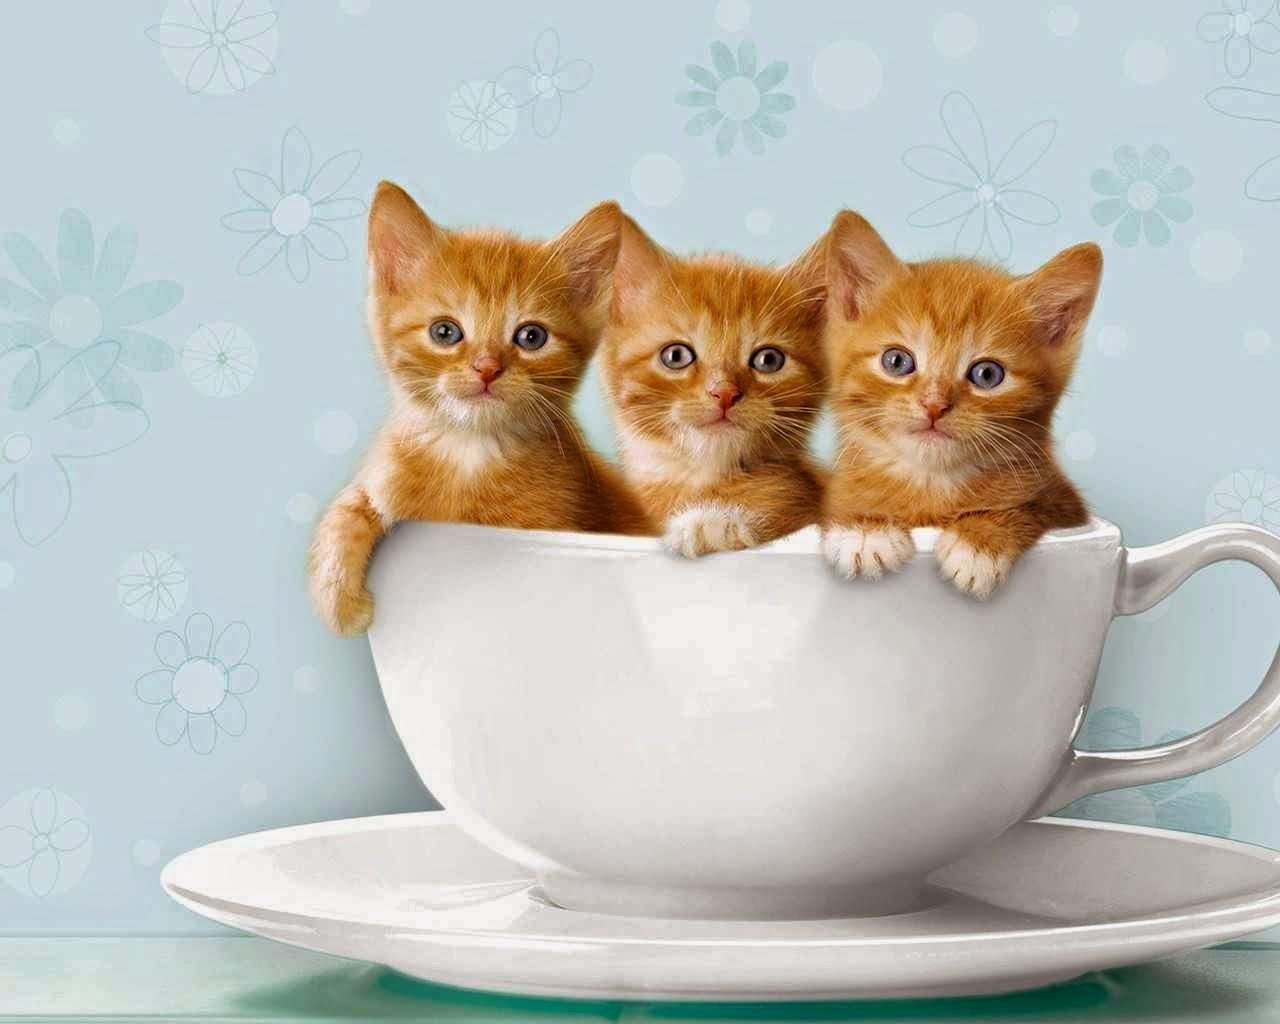 بالصور اجمل الصور للقطط في العالم , صور جميله للقطط حول العالم 4700